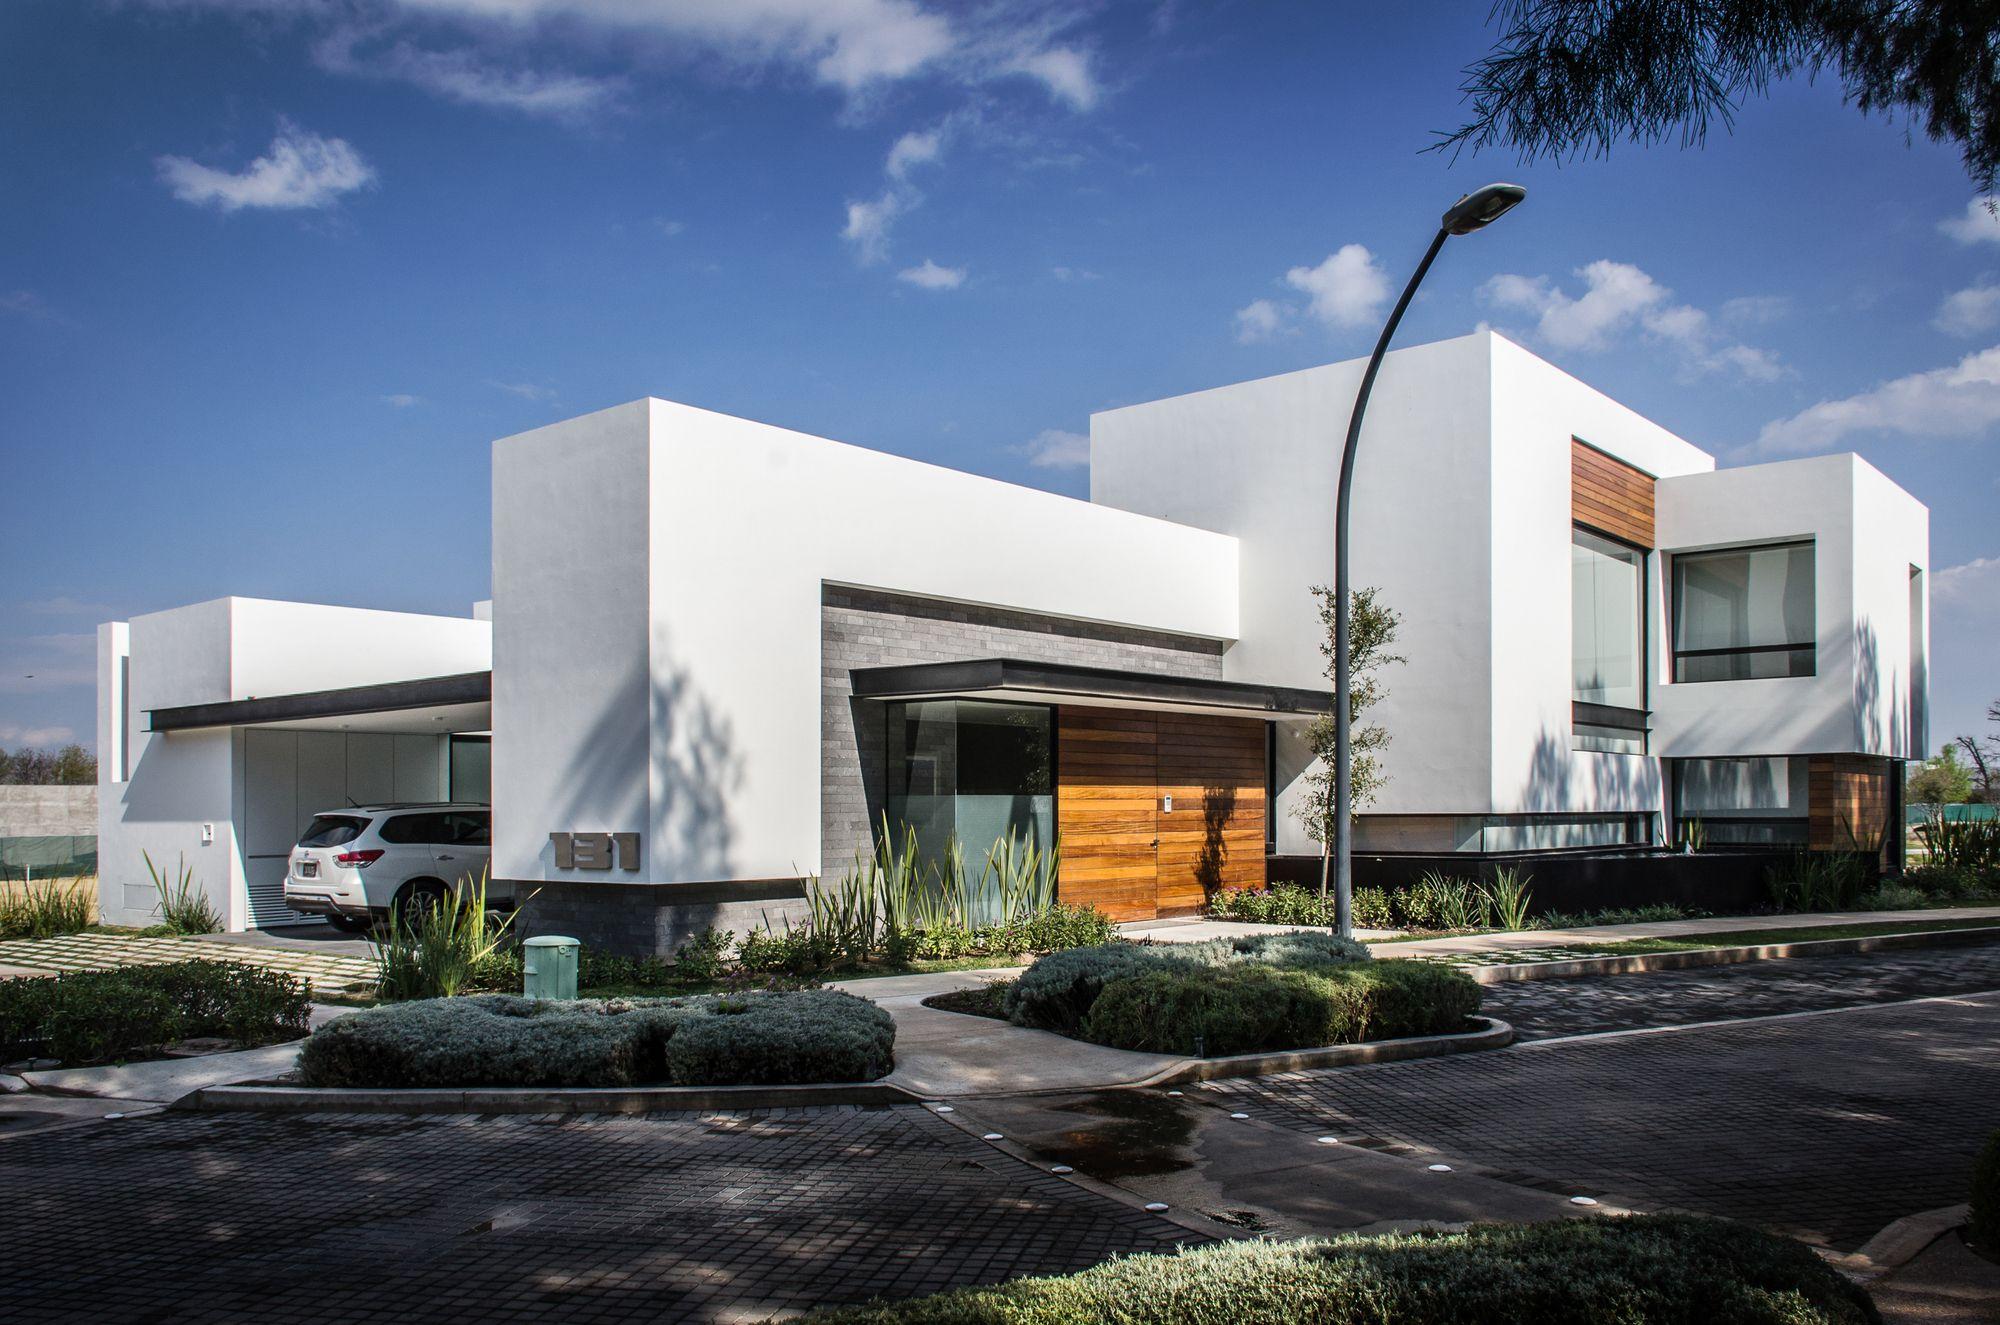 Galer a de casa agr adi arquitectura y dise o interior for Diseno exterior casa contemporanea